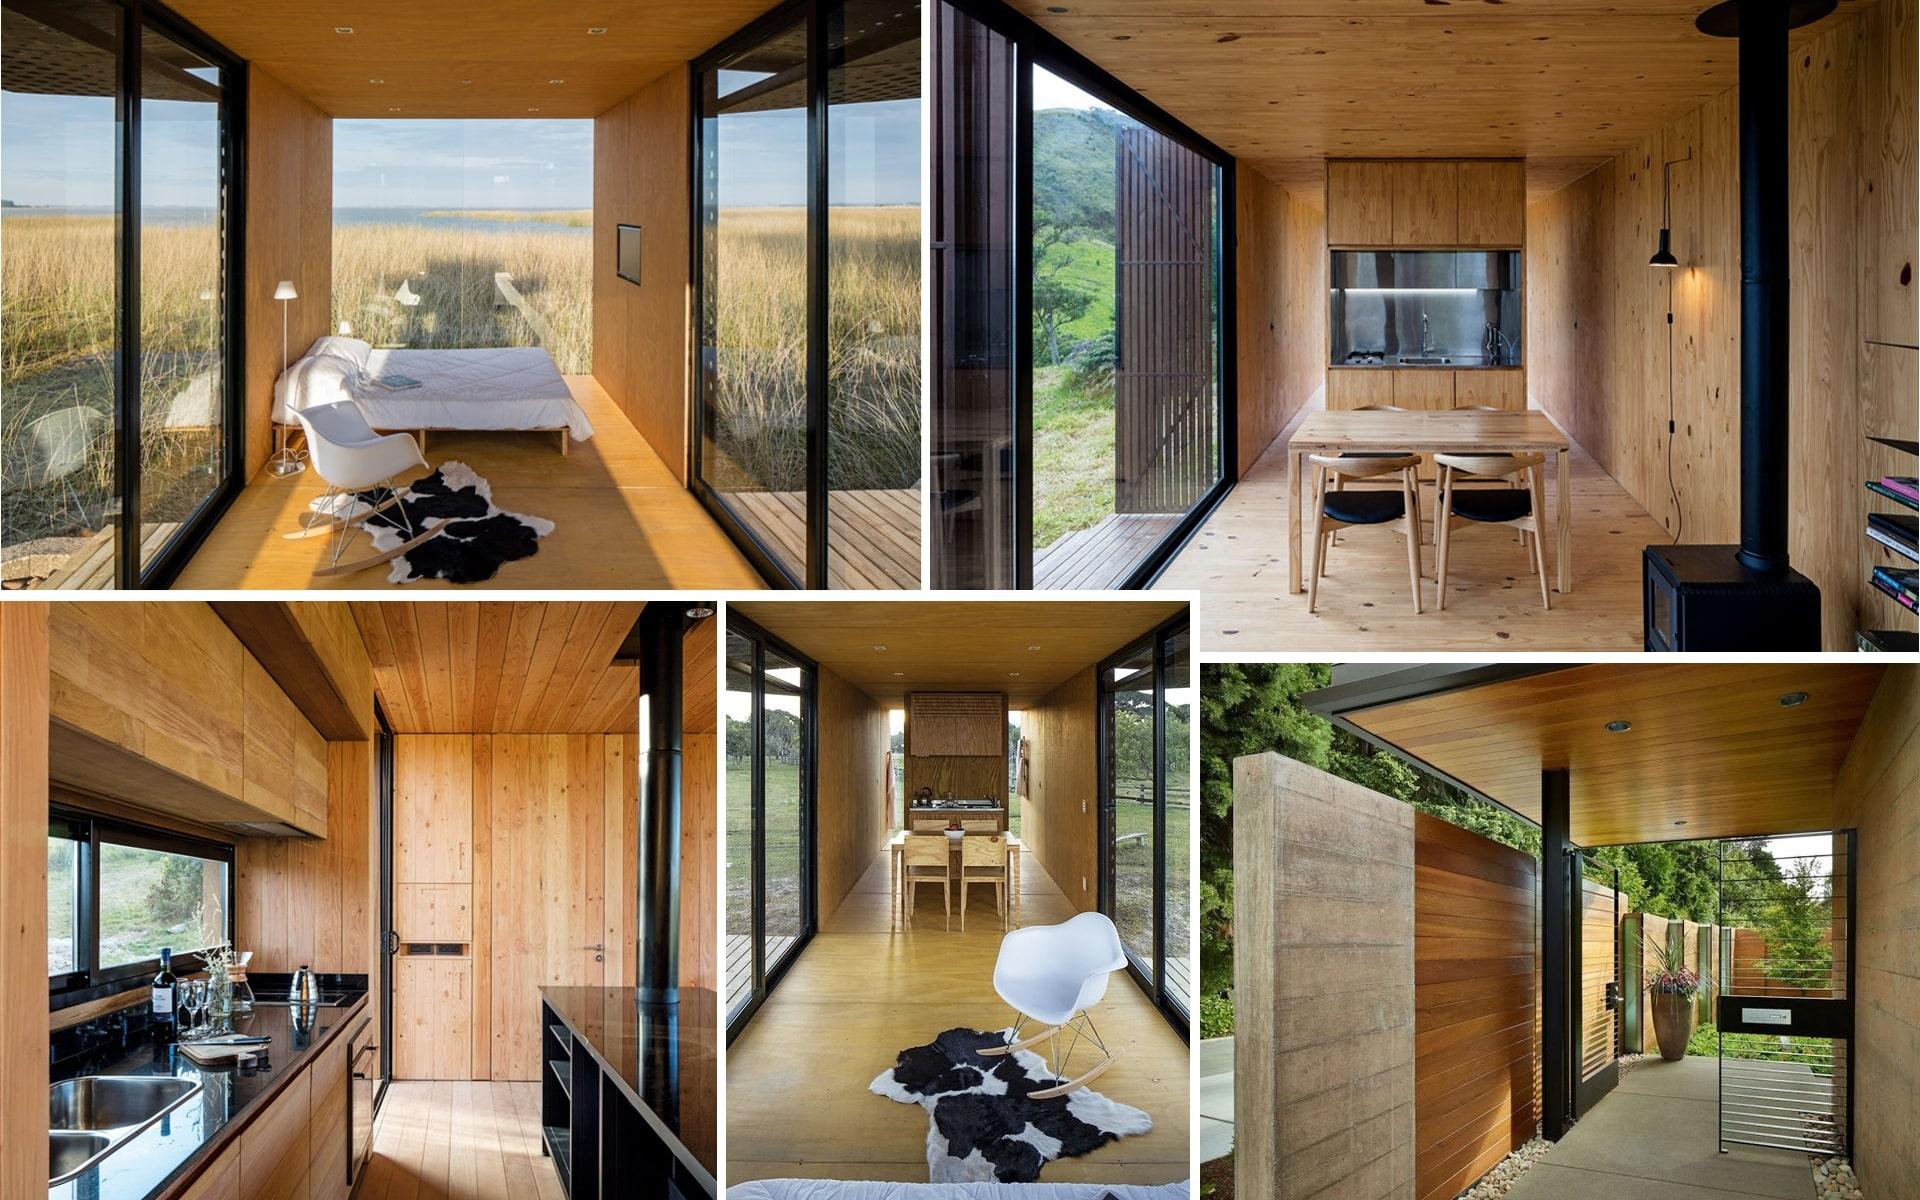 прохор готовые дома из вагончиков фото дерева для флешки